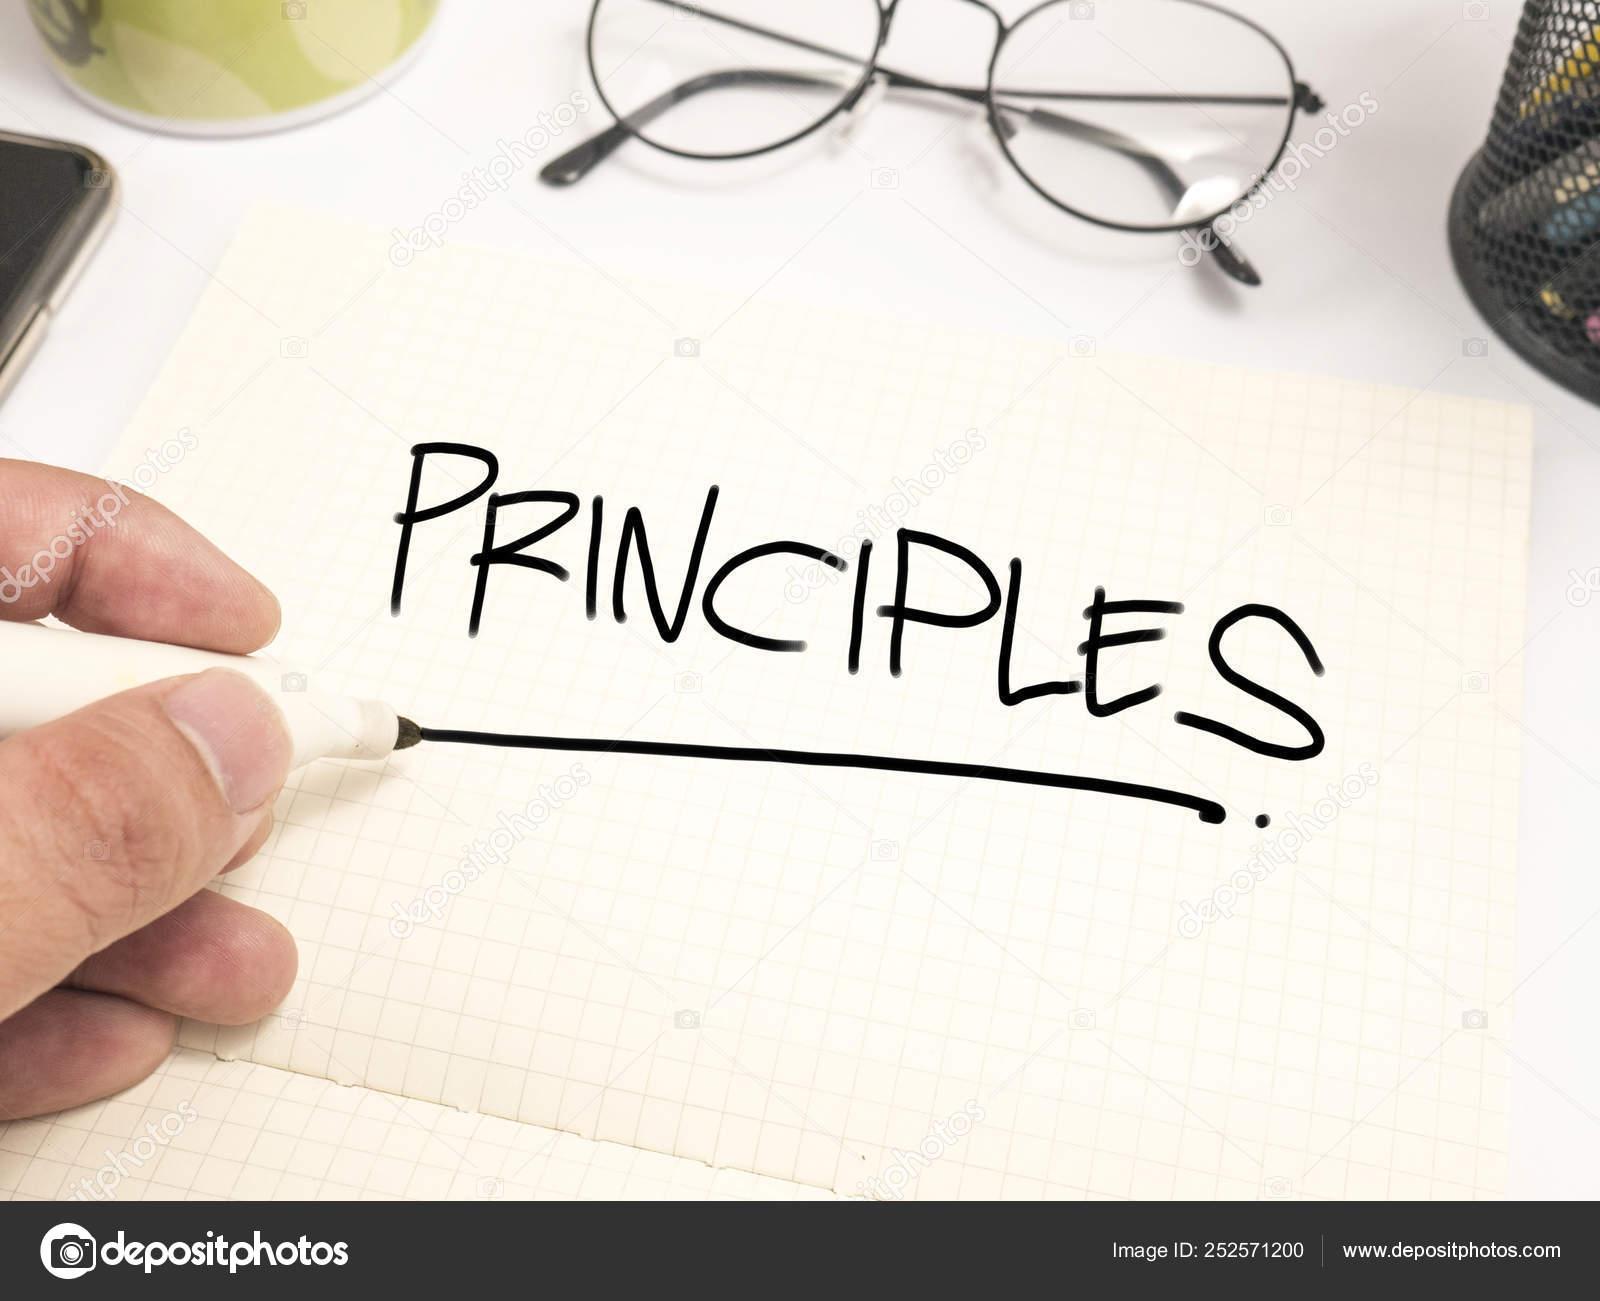 Principios Concepto De Citas Palabras Motivacionales Foto